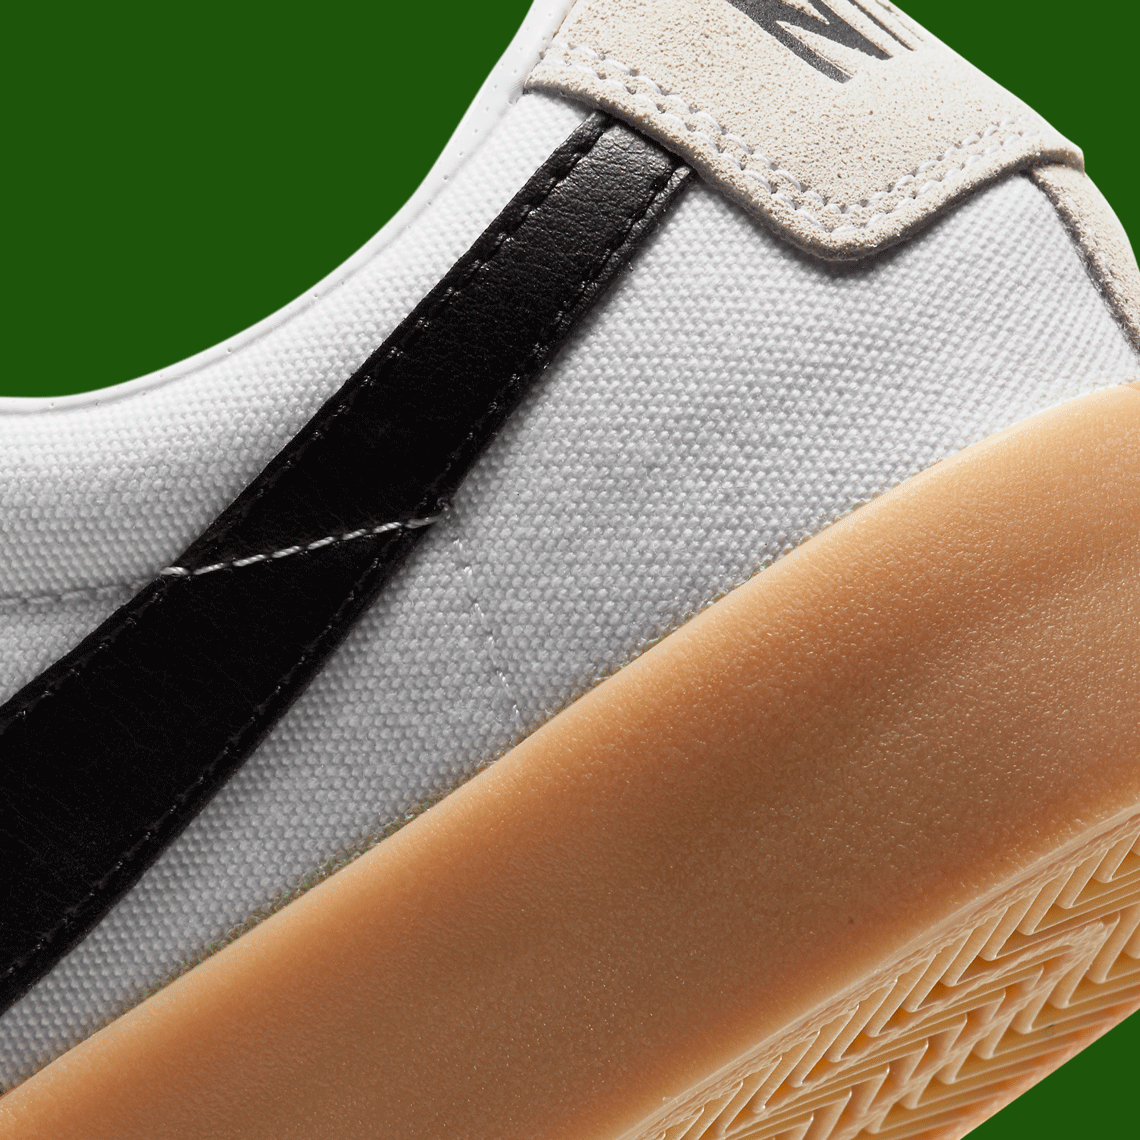 Nike-SB-Blazer-Low-GT-DC7695-100-01.jpg?w=1140